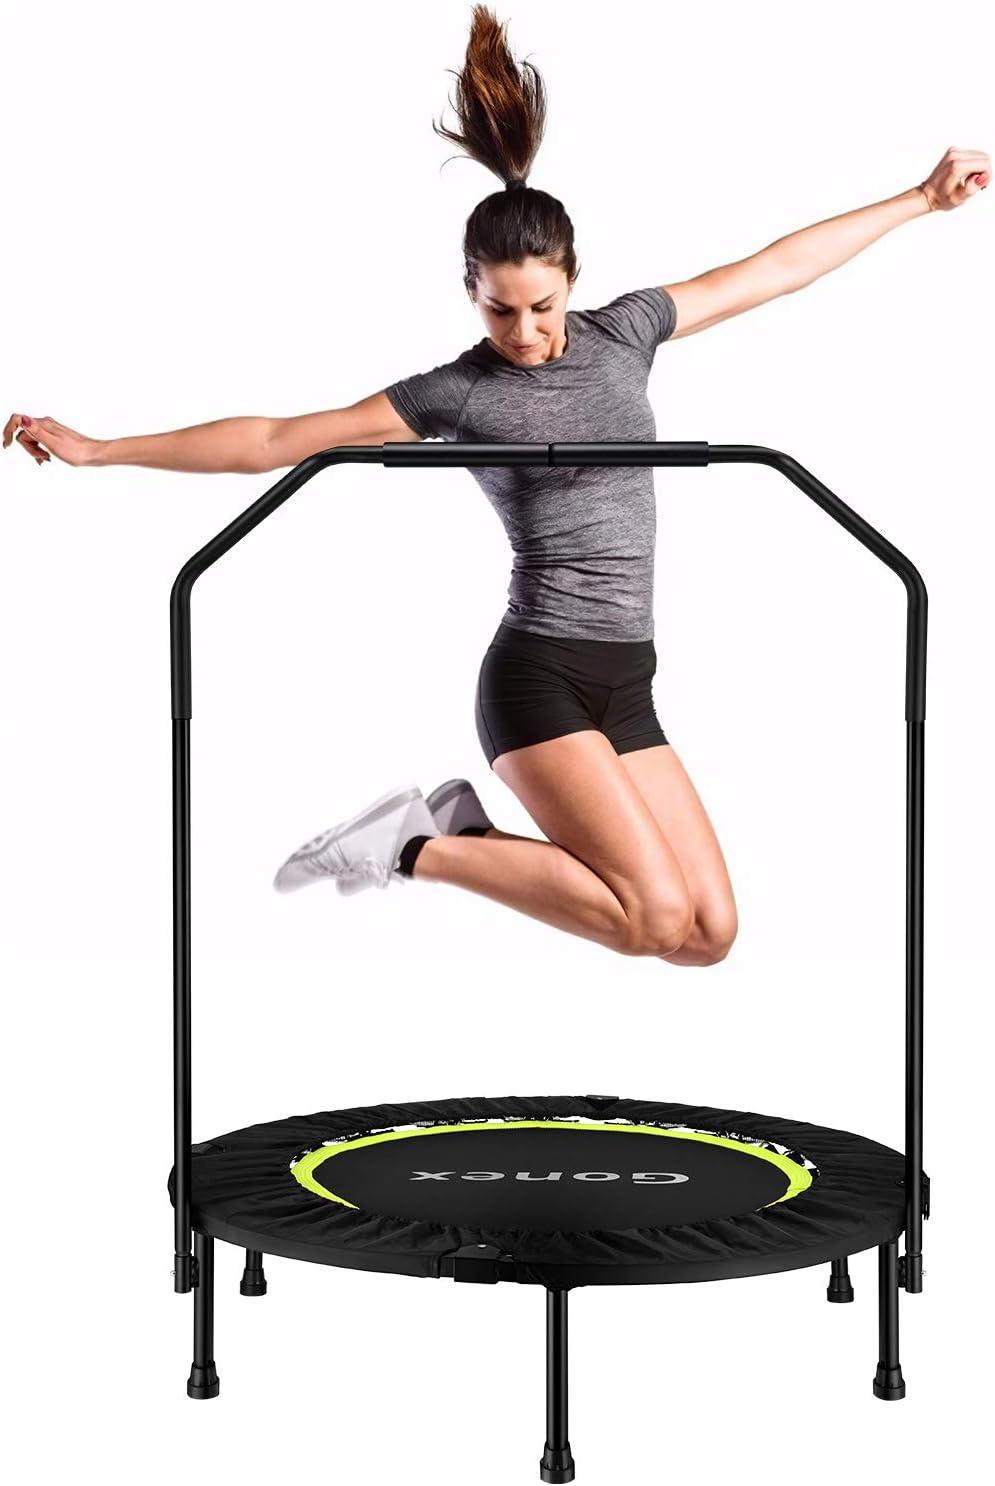 Adoptez le trampoline : du fitness, avec une dose d'humour